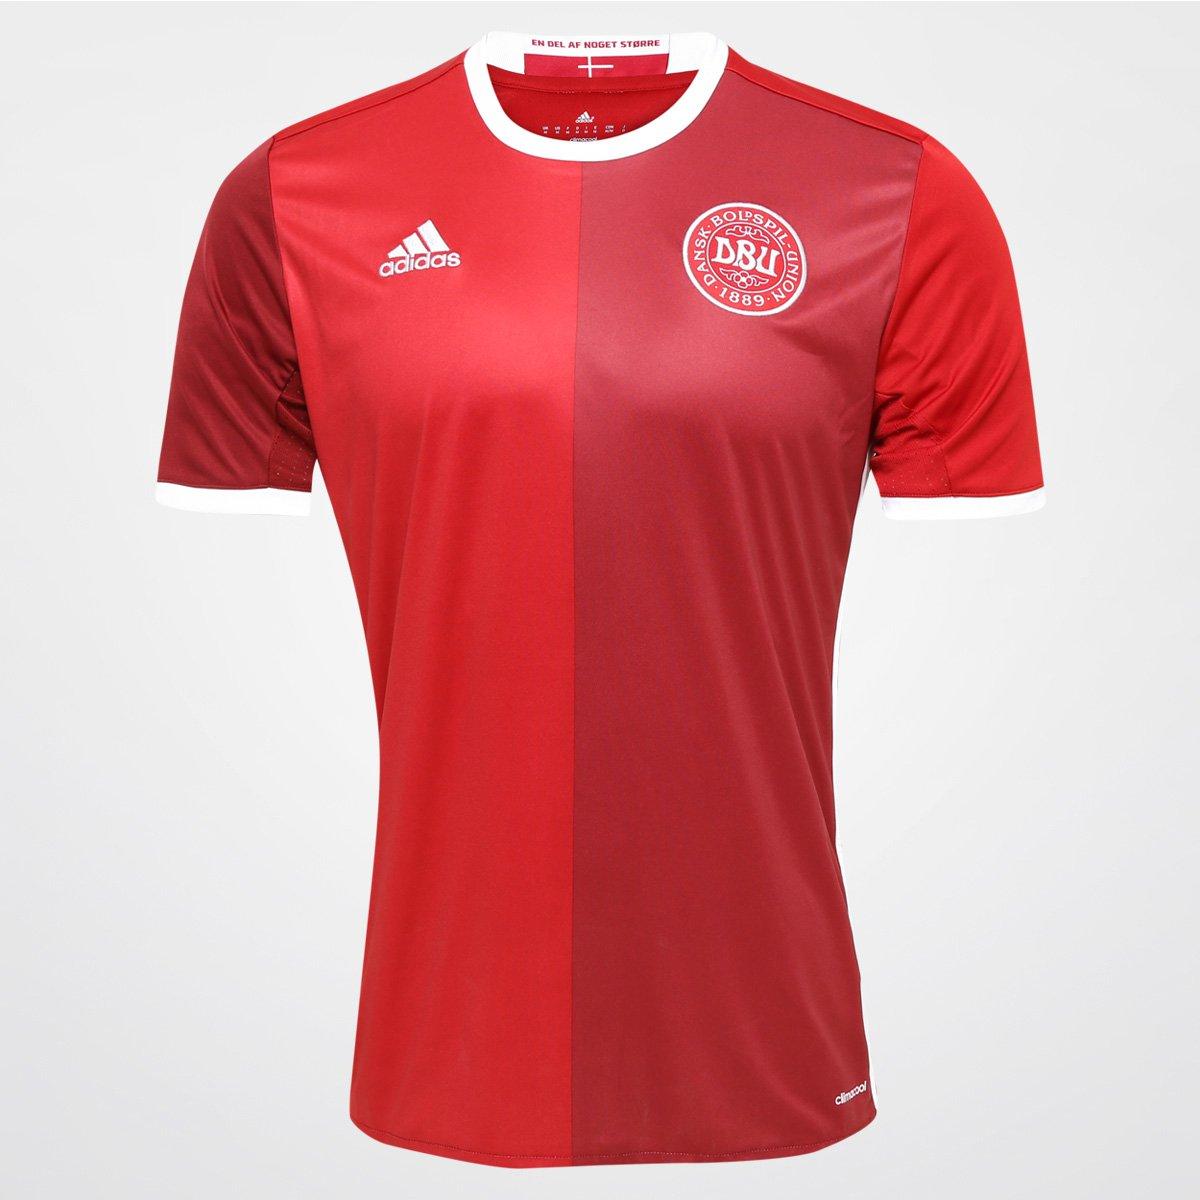 b19e0a0387 Camisa Seleção Dinamarca Home 2016 s n° Torcedor Adidas Masculina - Compre  Agora